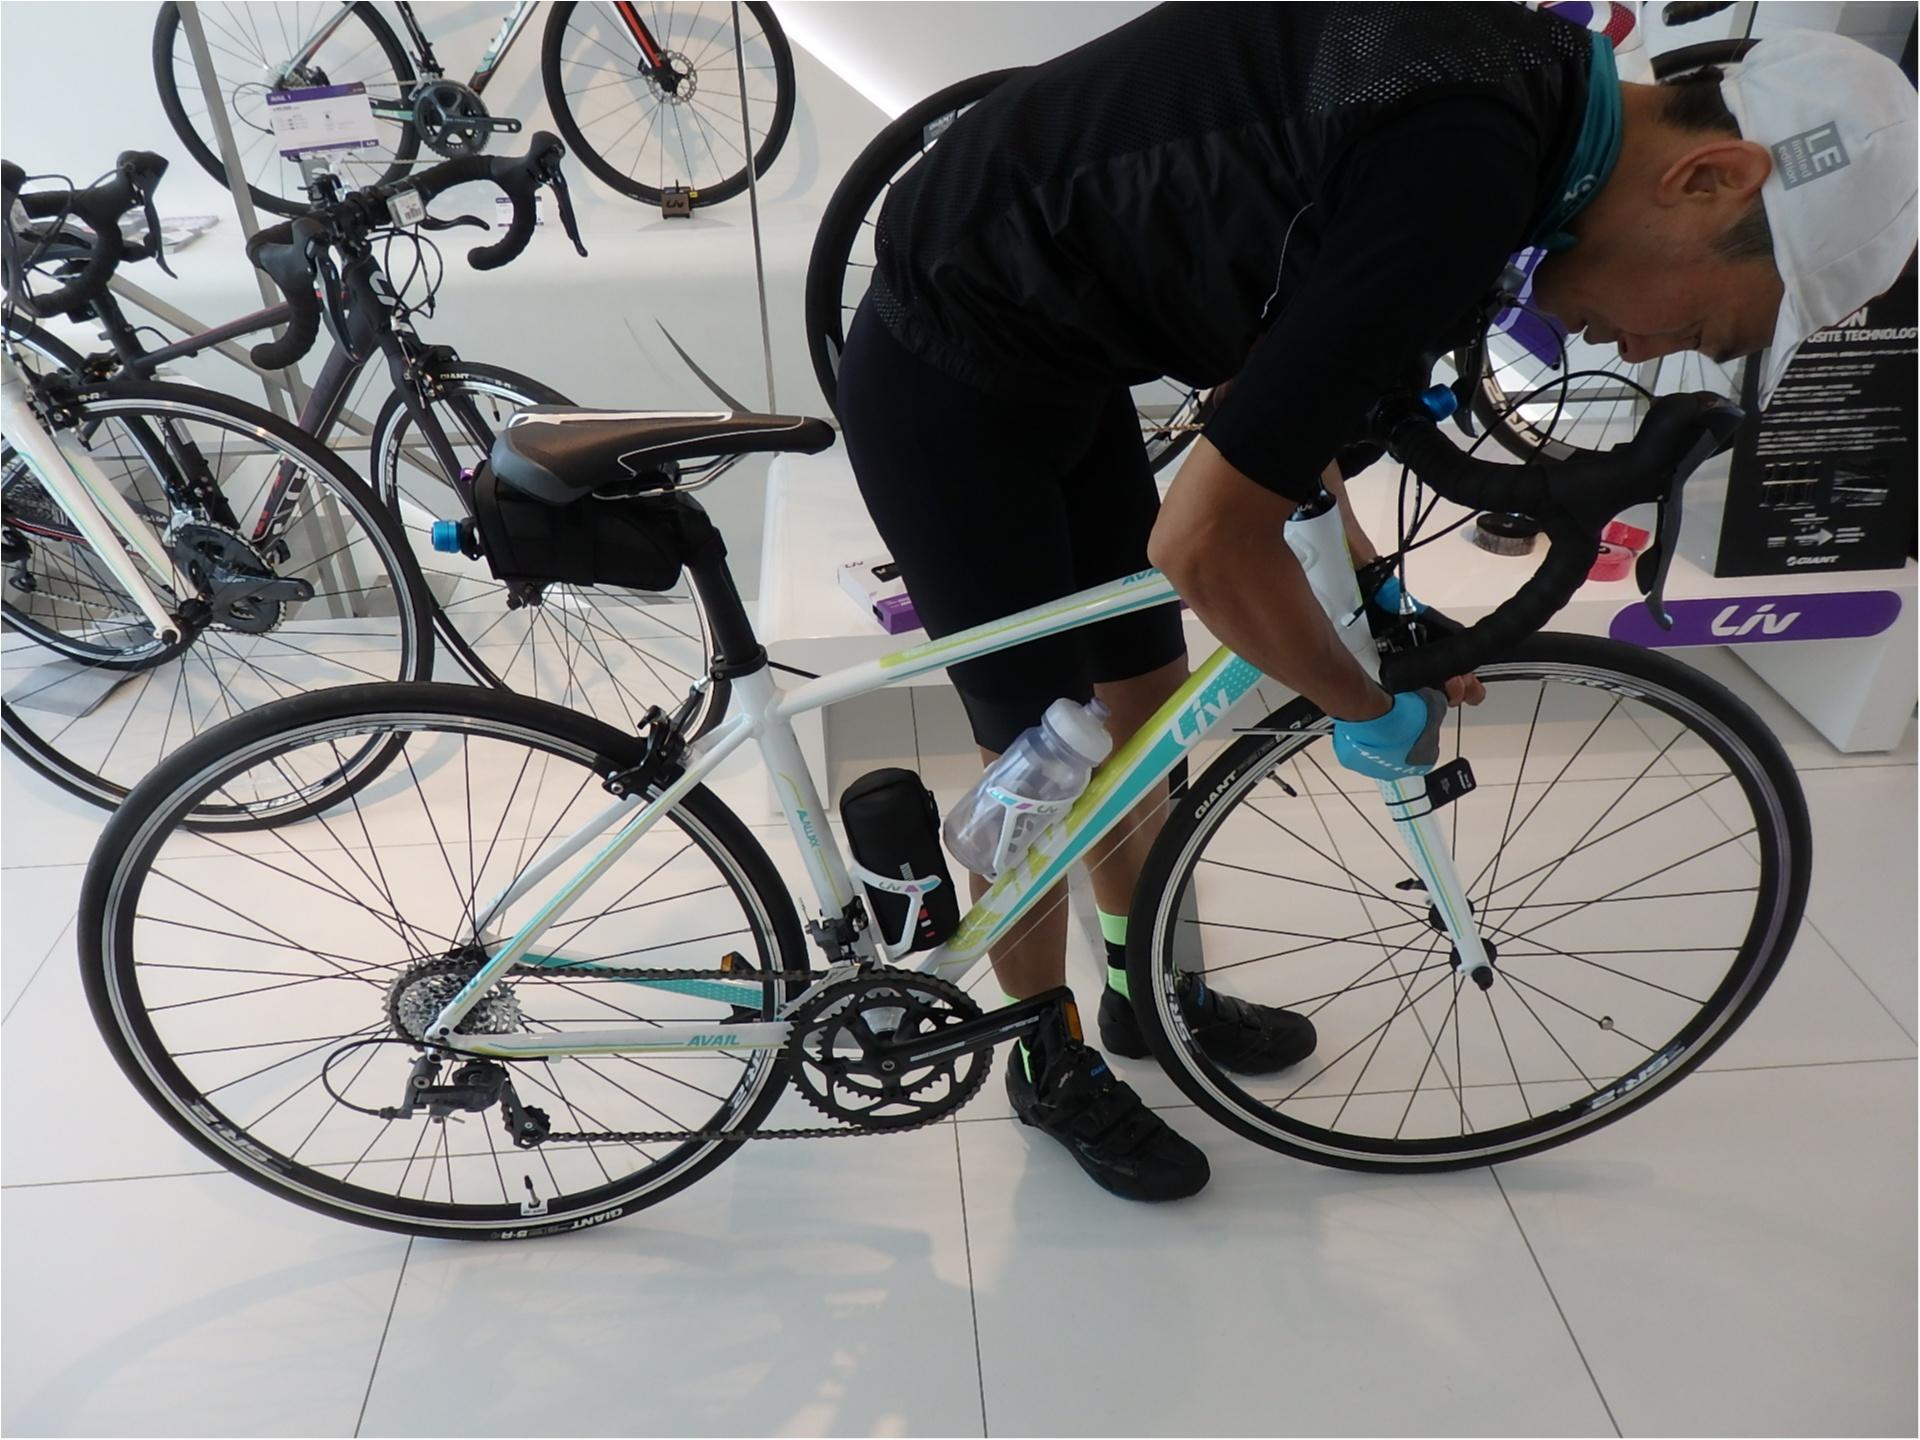 ロードバイク初体験!元オリンピック選手からしっかり教わります!#ツール・ド・東北【#モアチャレ あかね】_3